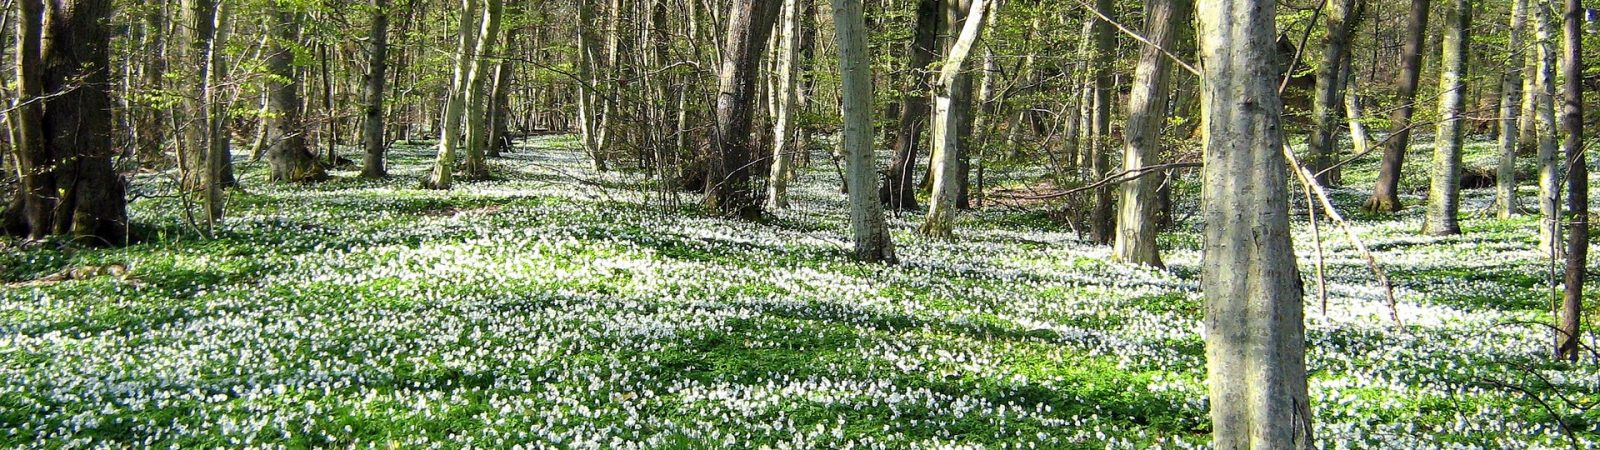 Skovbundens forårstegn er værd at gå efter. Foto Pixabay.